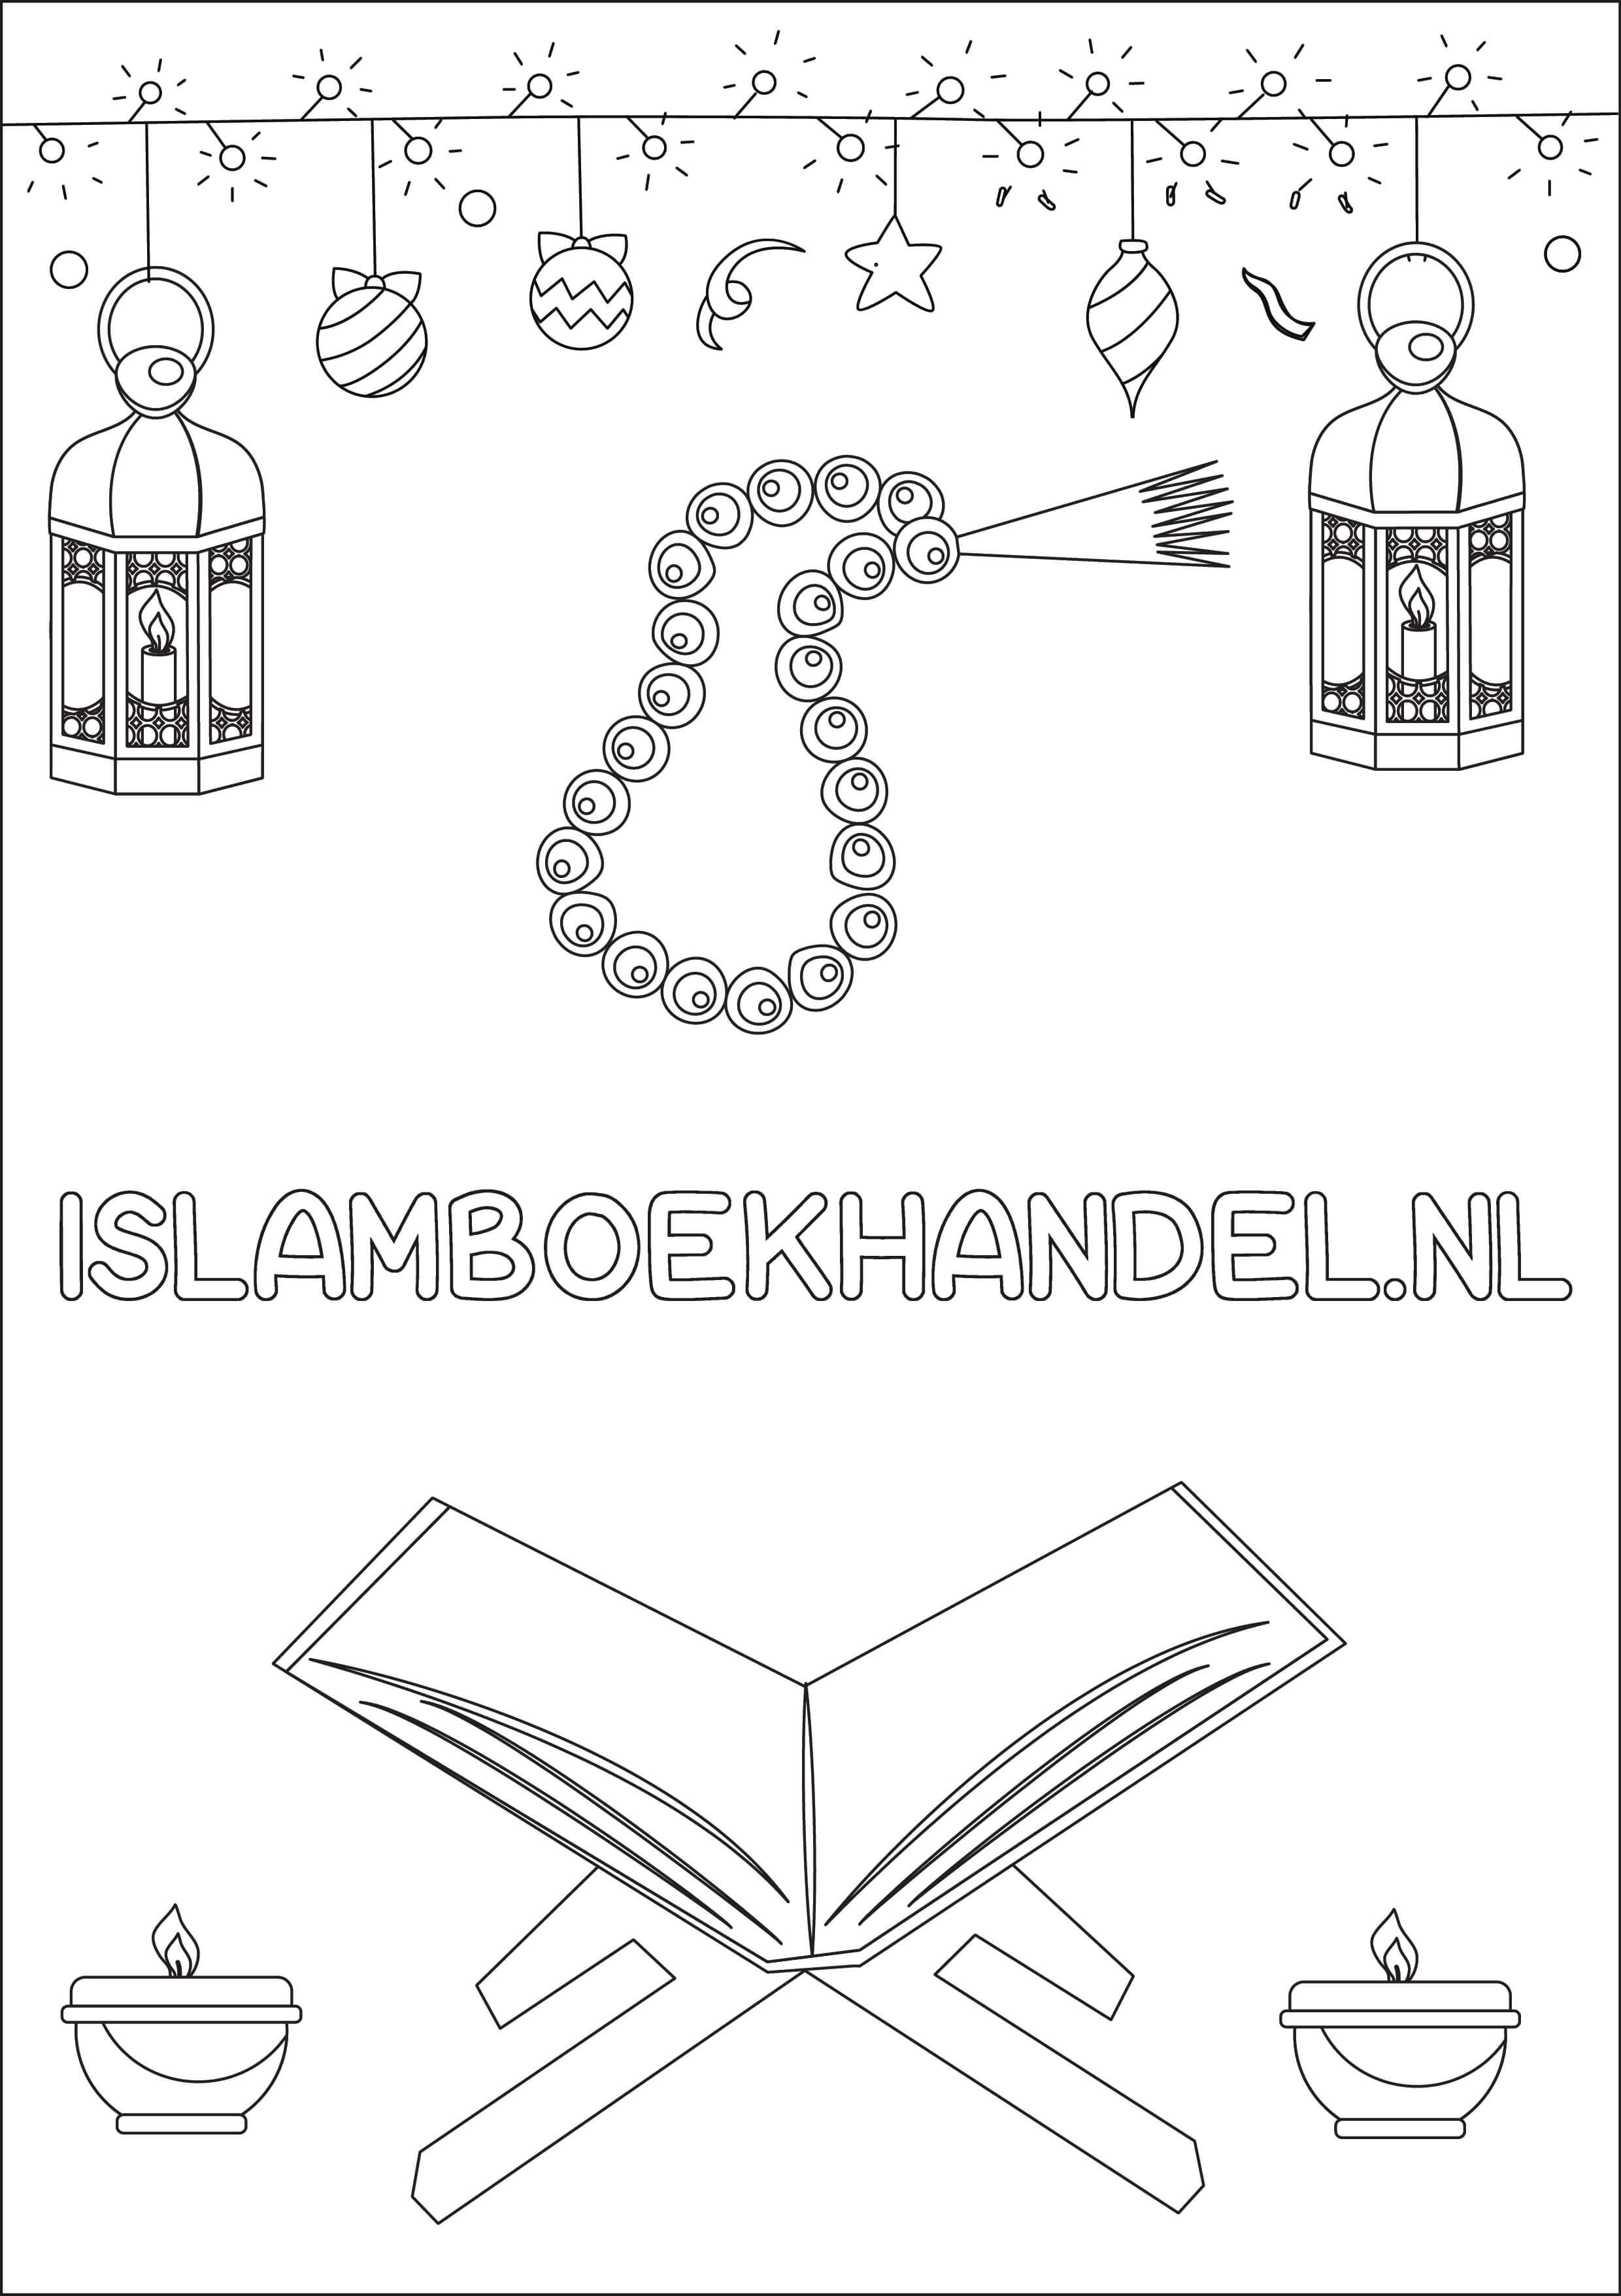 Islamitisch Kleurplaten.Gratis Islamitische Eid Kleurplaten Islamboekhandel Nl